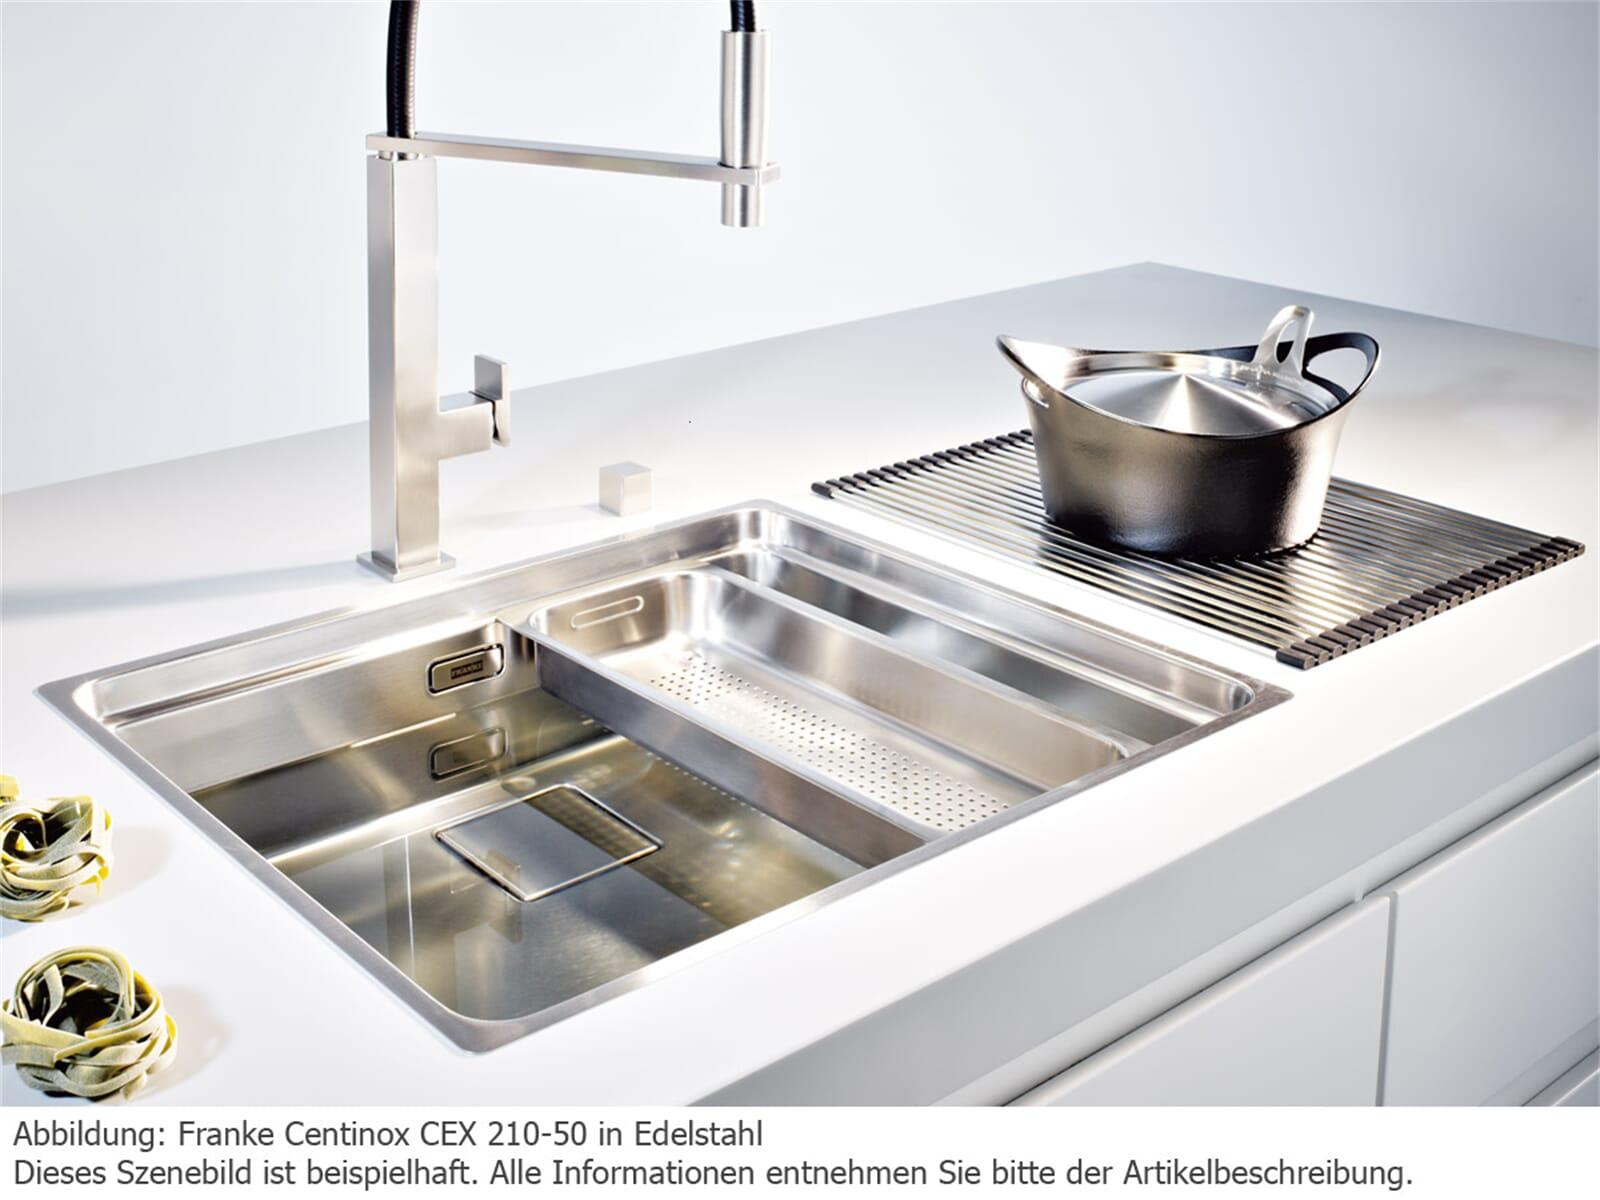 franke centinox cex 210 50 edelstahl sp le fl chenb ndig k chensp le sp ltisch ebay. Black Bedroom Furniture Sets. Home Design Ideas